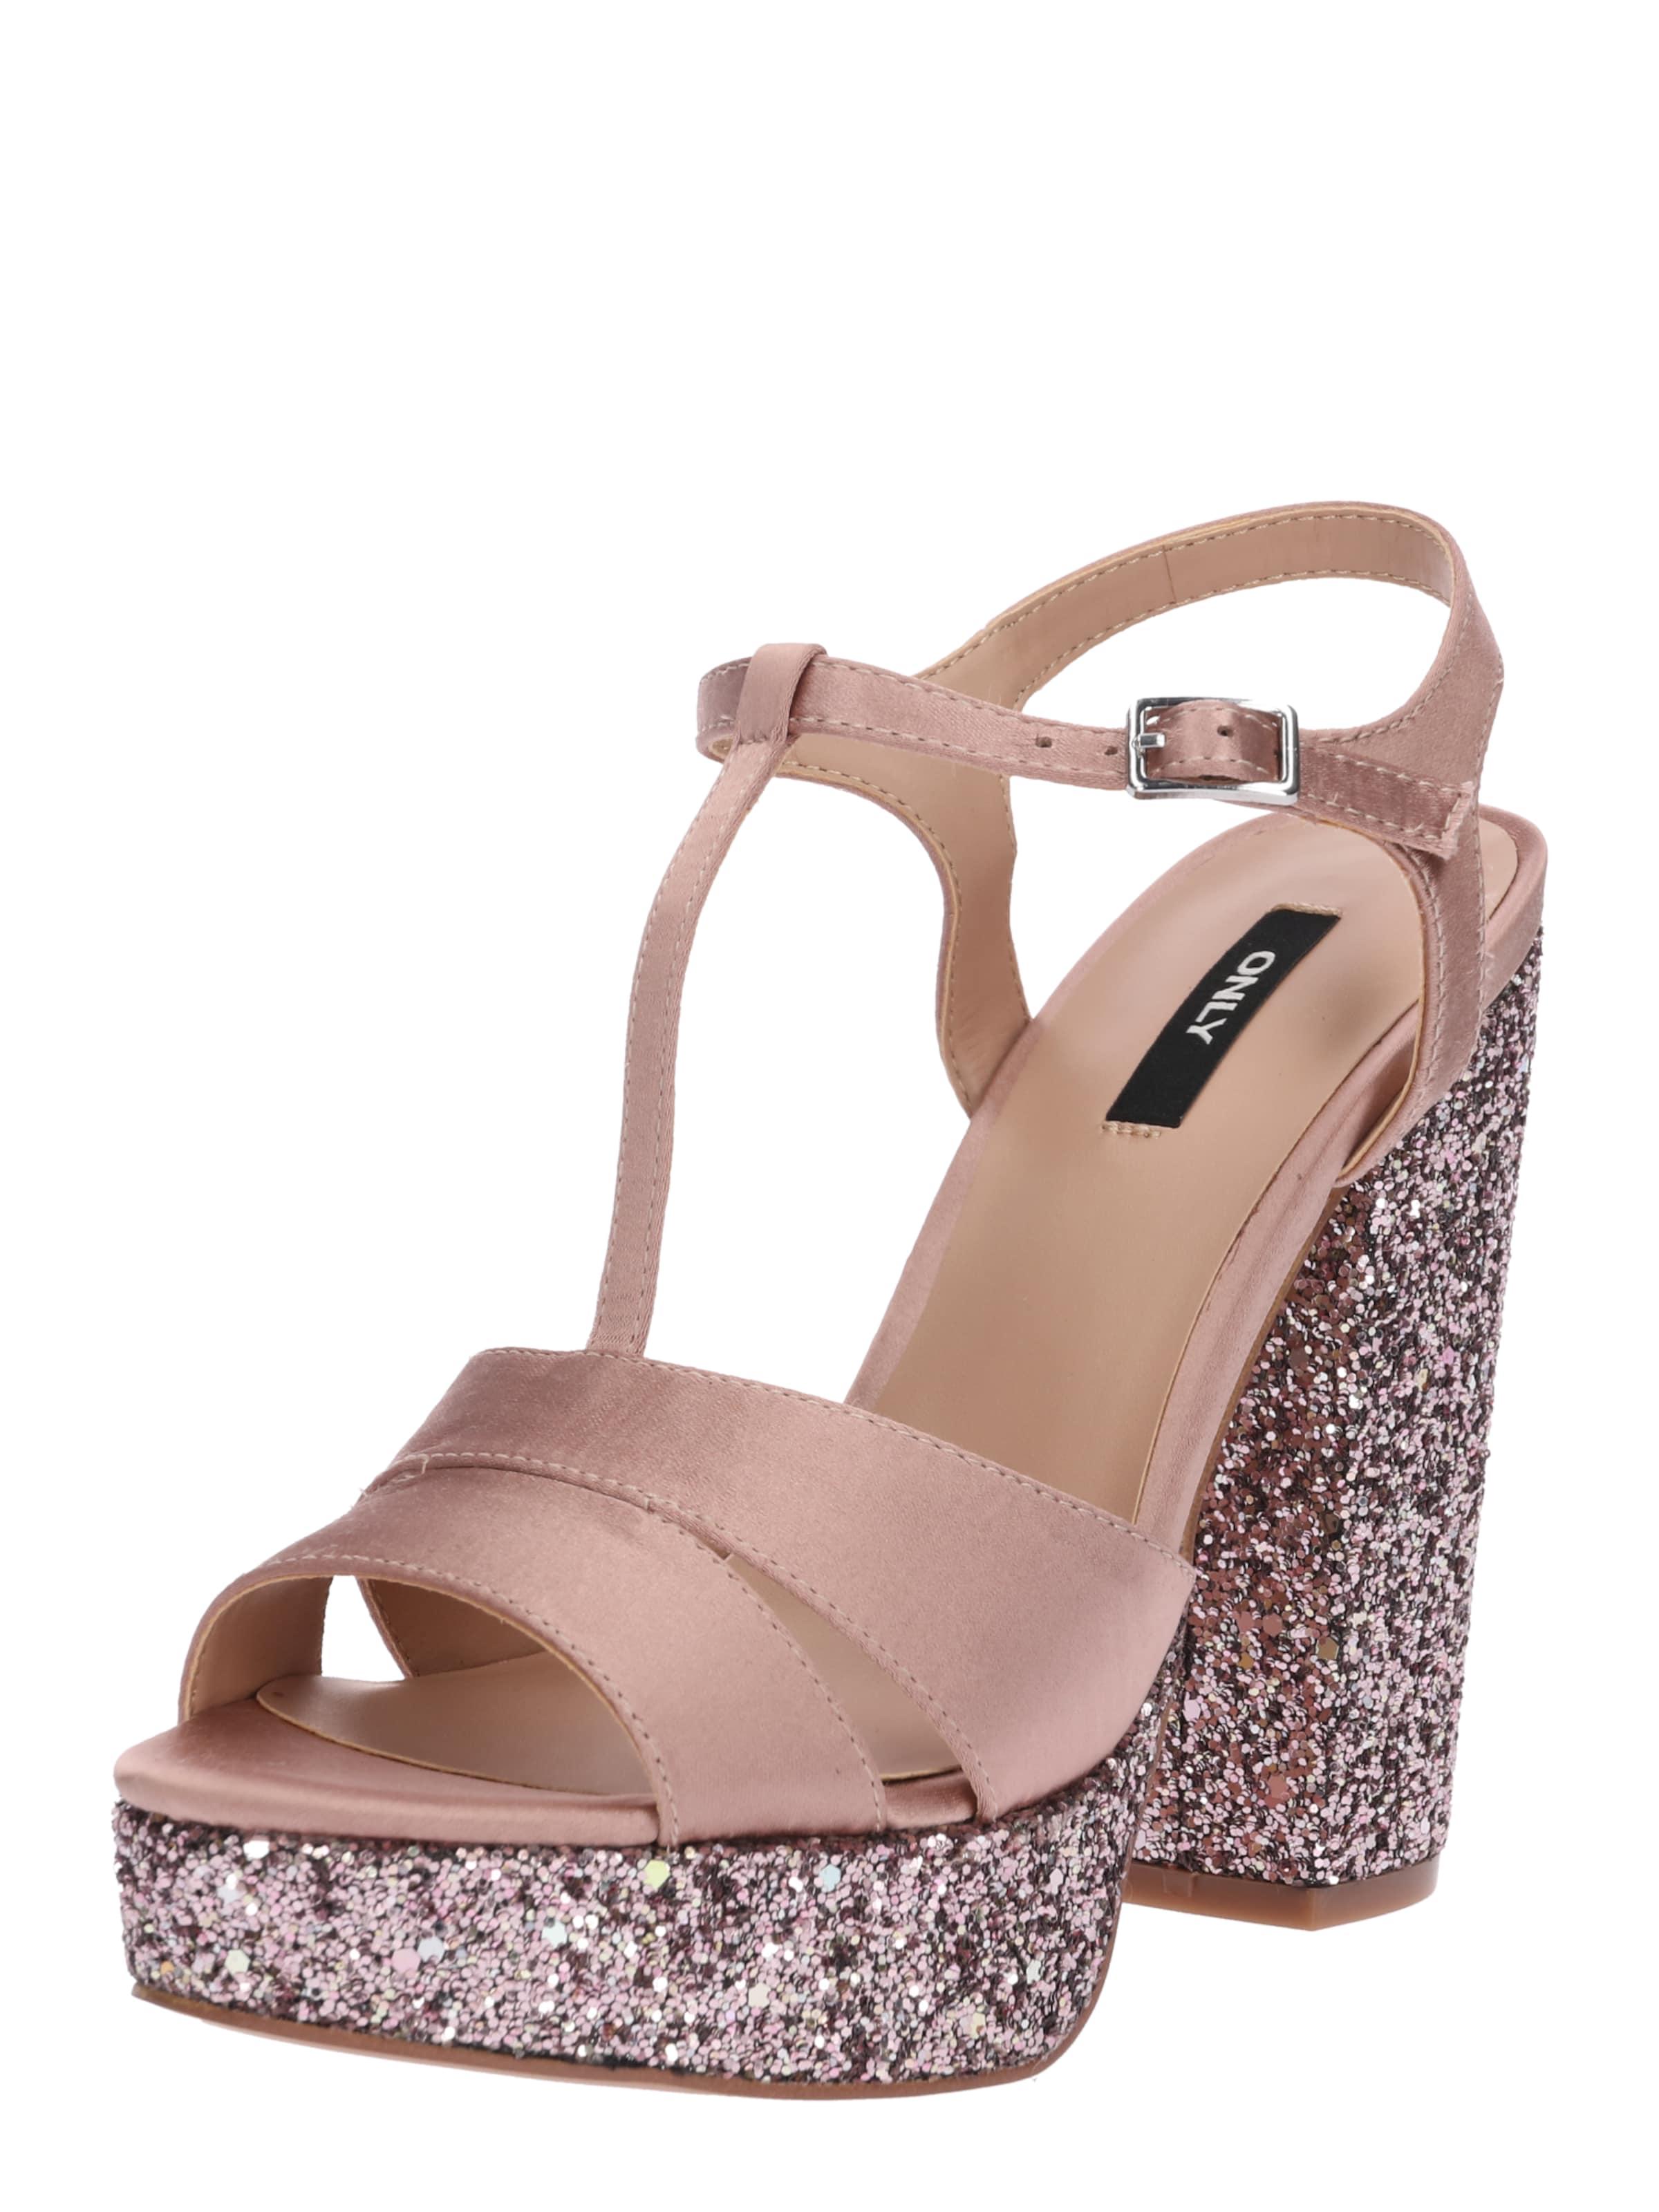 ONLY High Heels Allie Verschleißfeste billige Schuhe